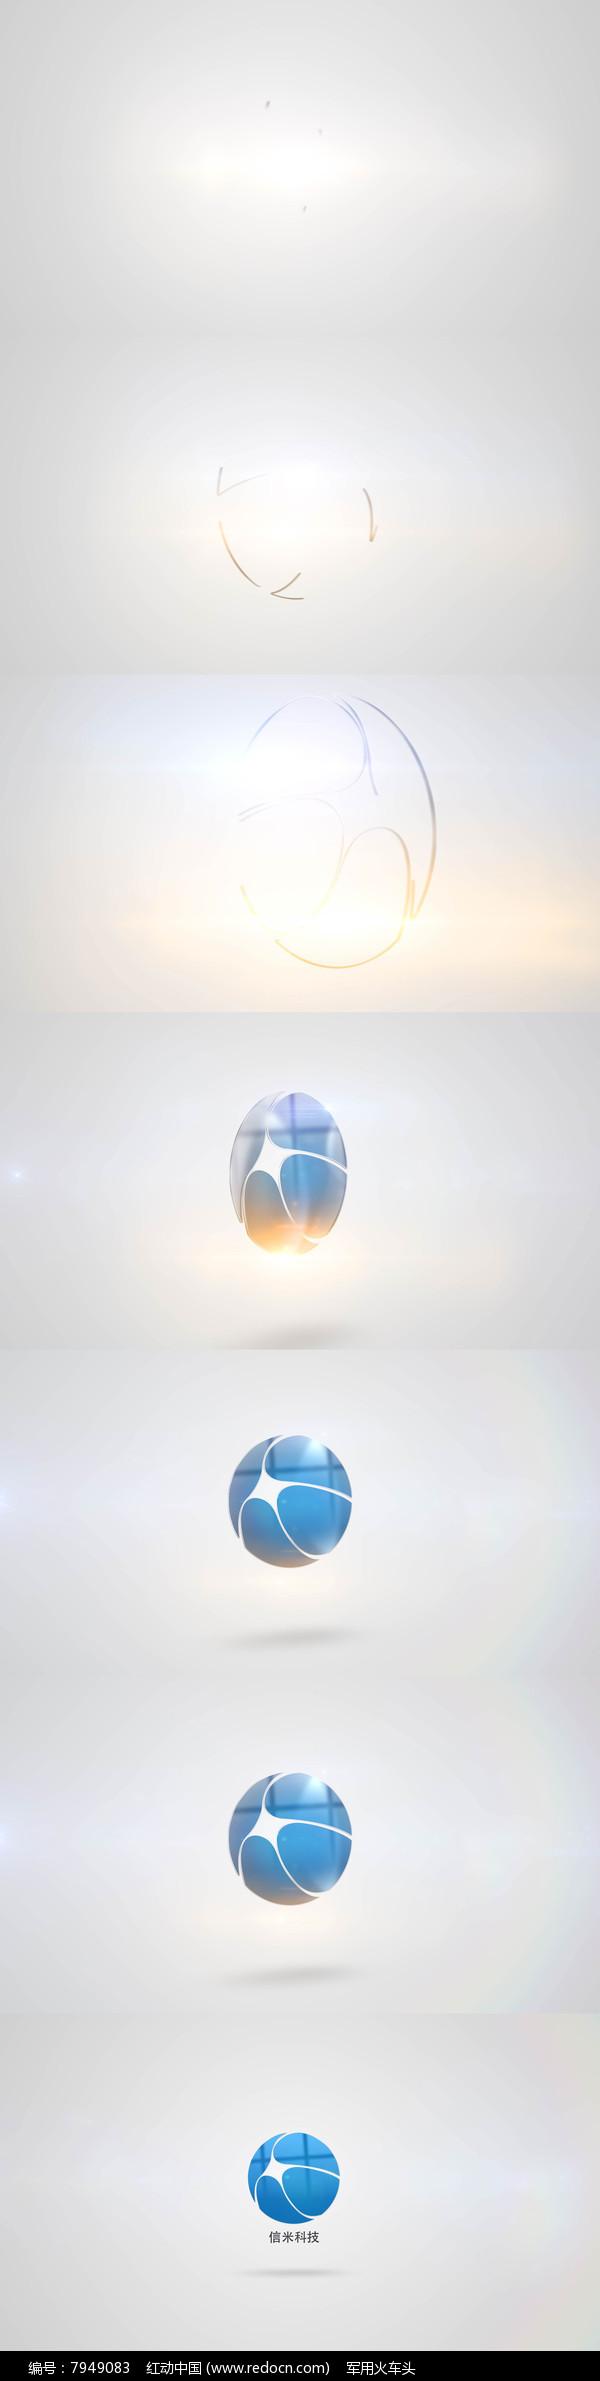 描边视觉冲击logo演绎片头图片